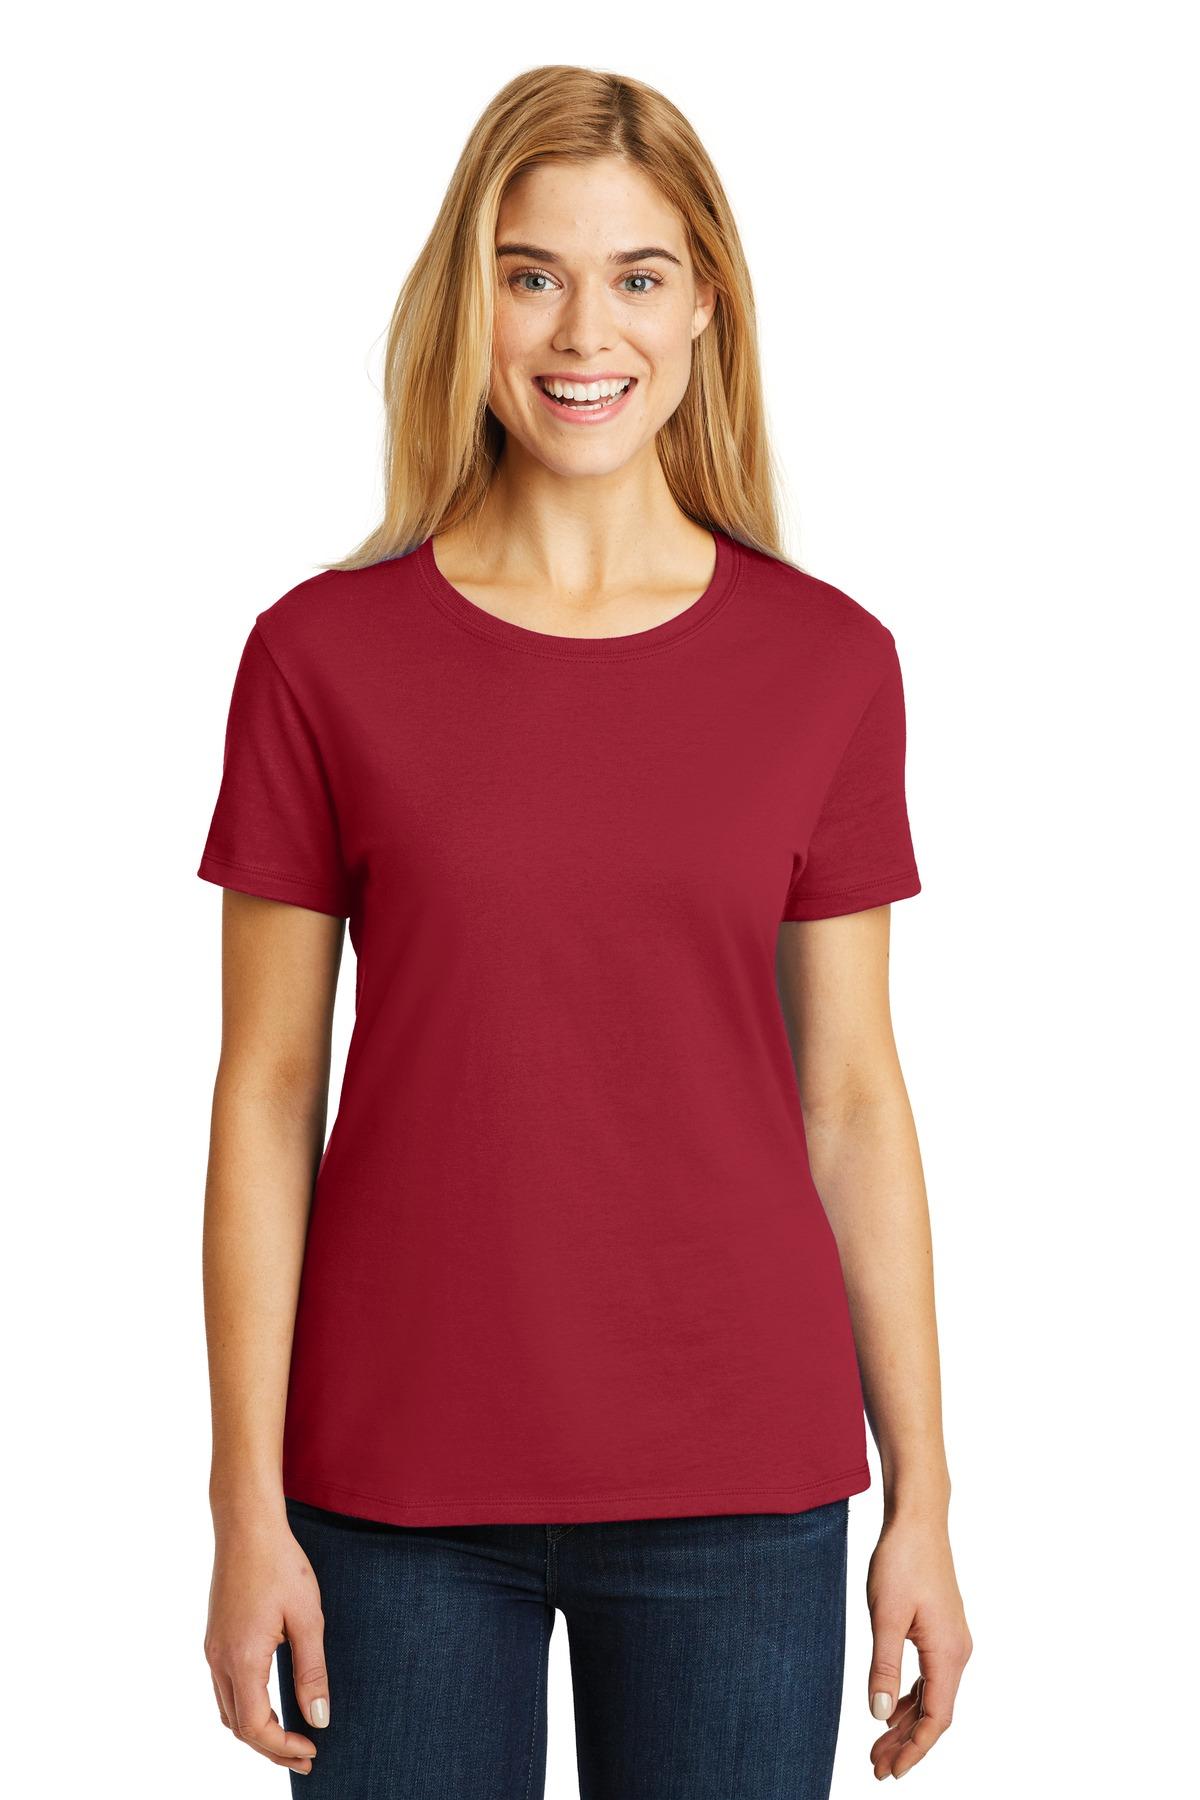 Hanes Ladies Nano-T Cotton T-Shirt